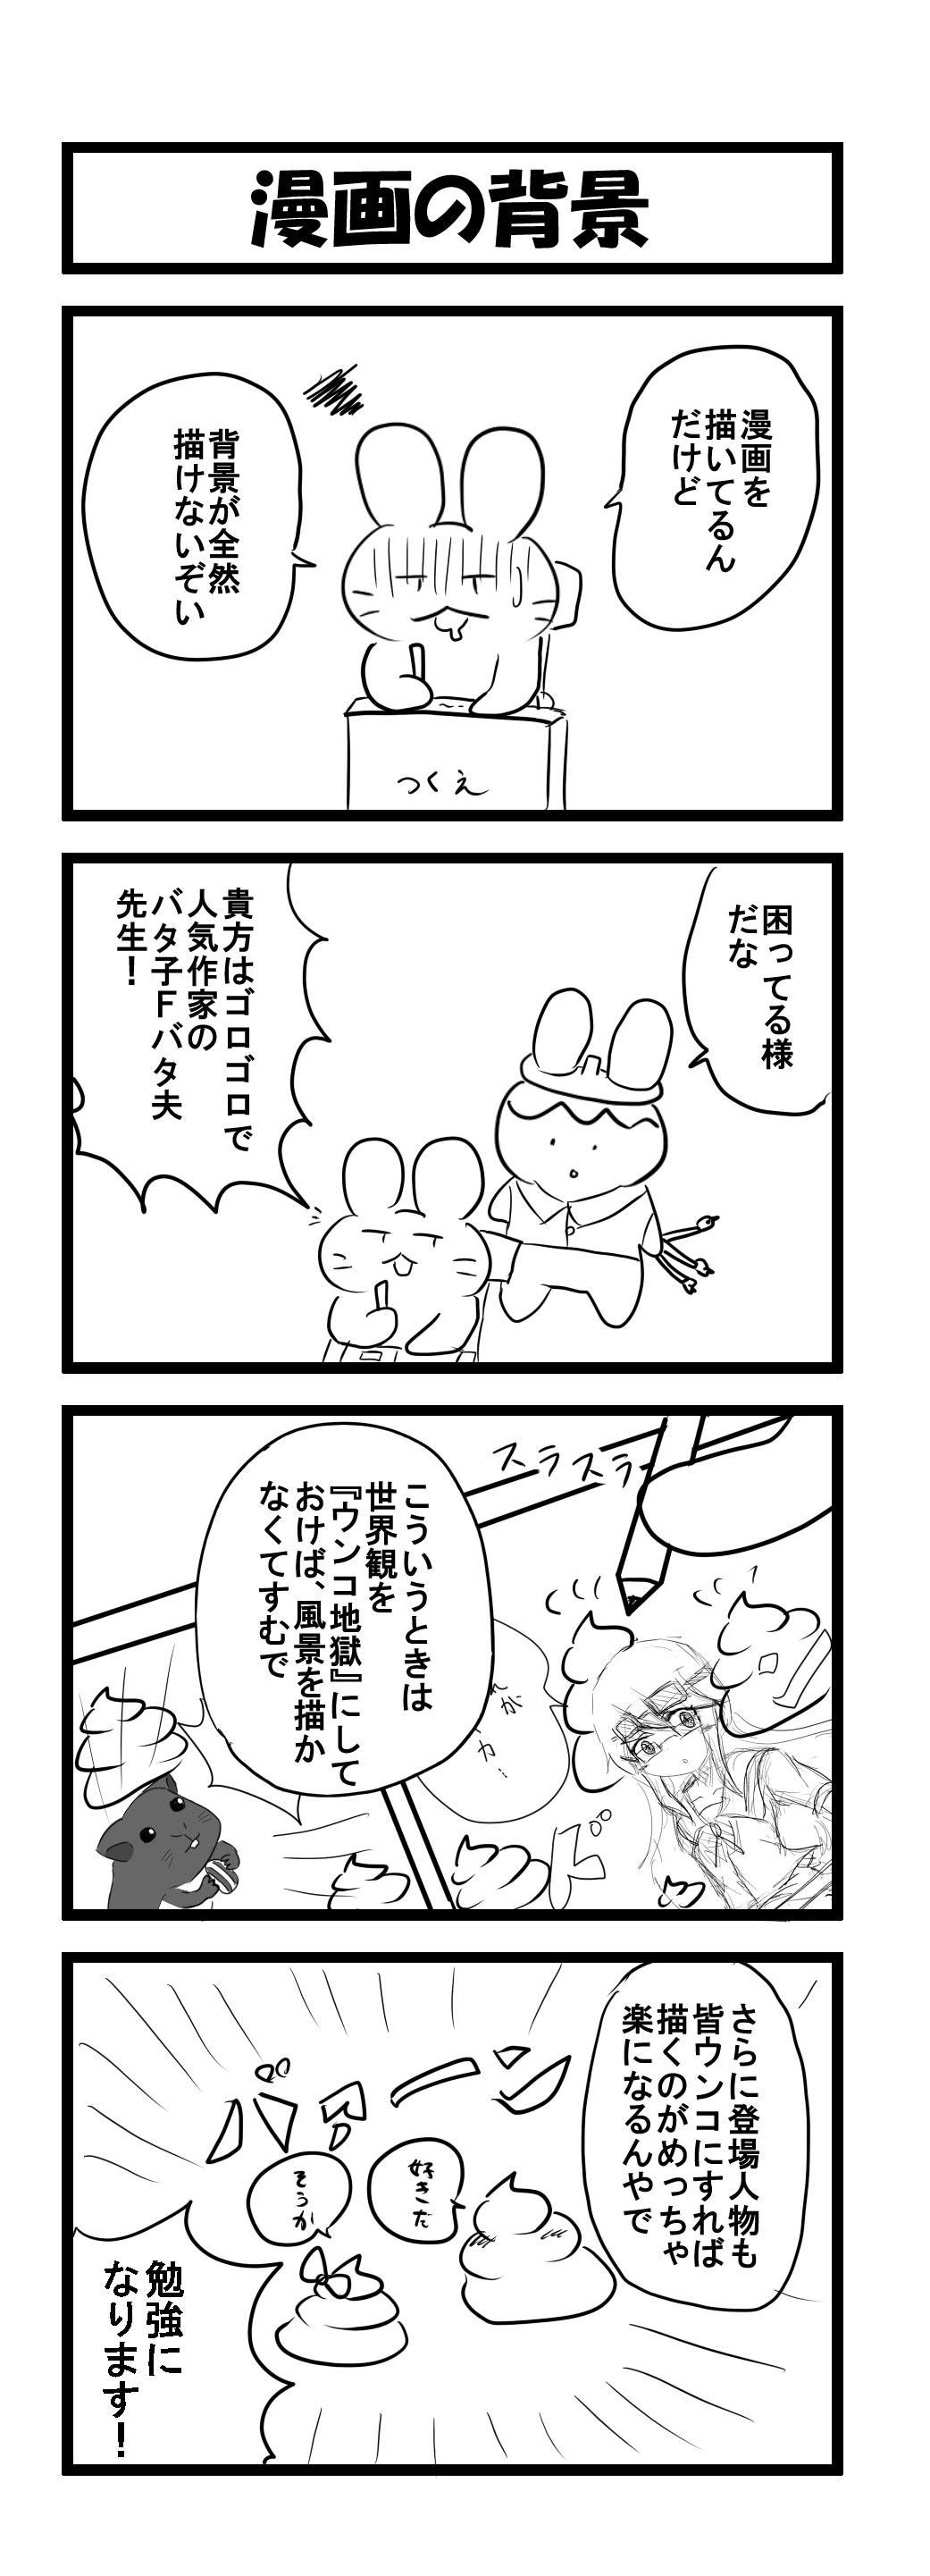 漫画の背景